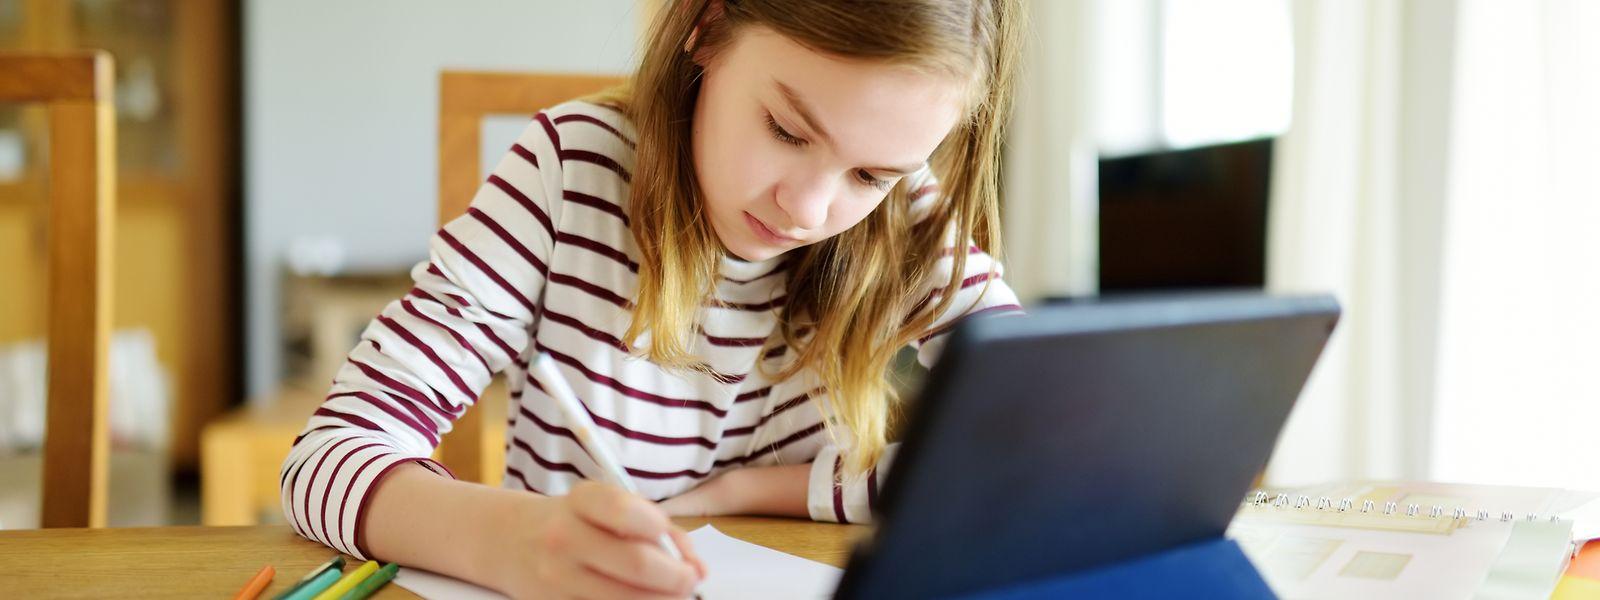 Lernen am Computer: Das war für viele Schüler und Studierende im Lockdown angesagt. Nicht alle haben dabei die gleichen Voraussetzungen.